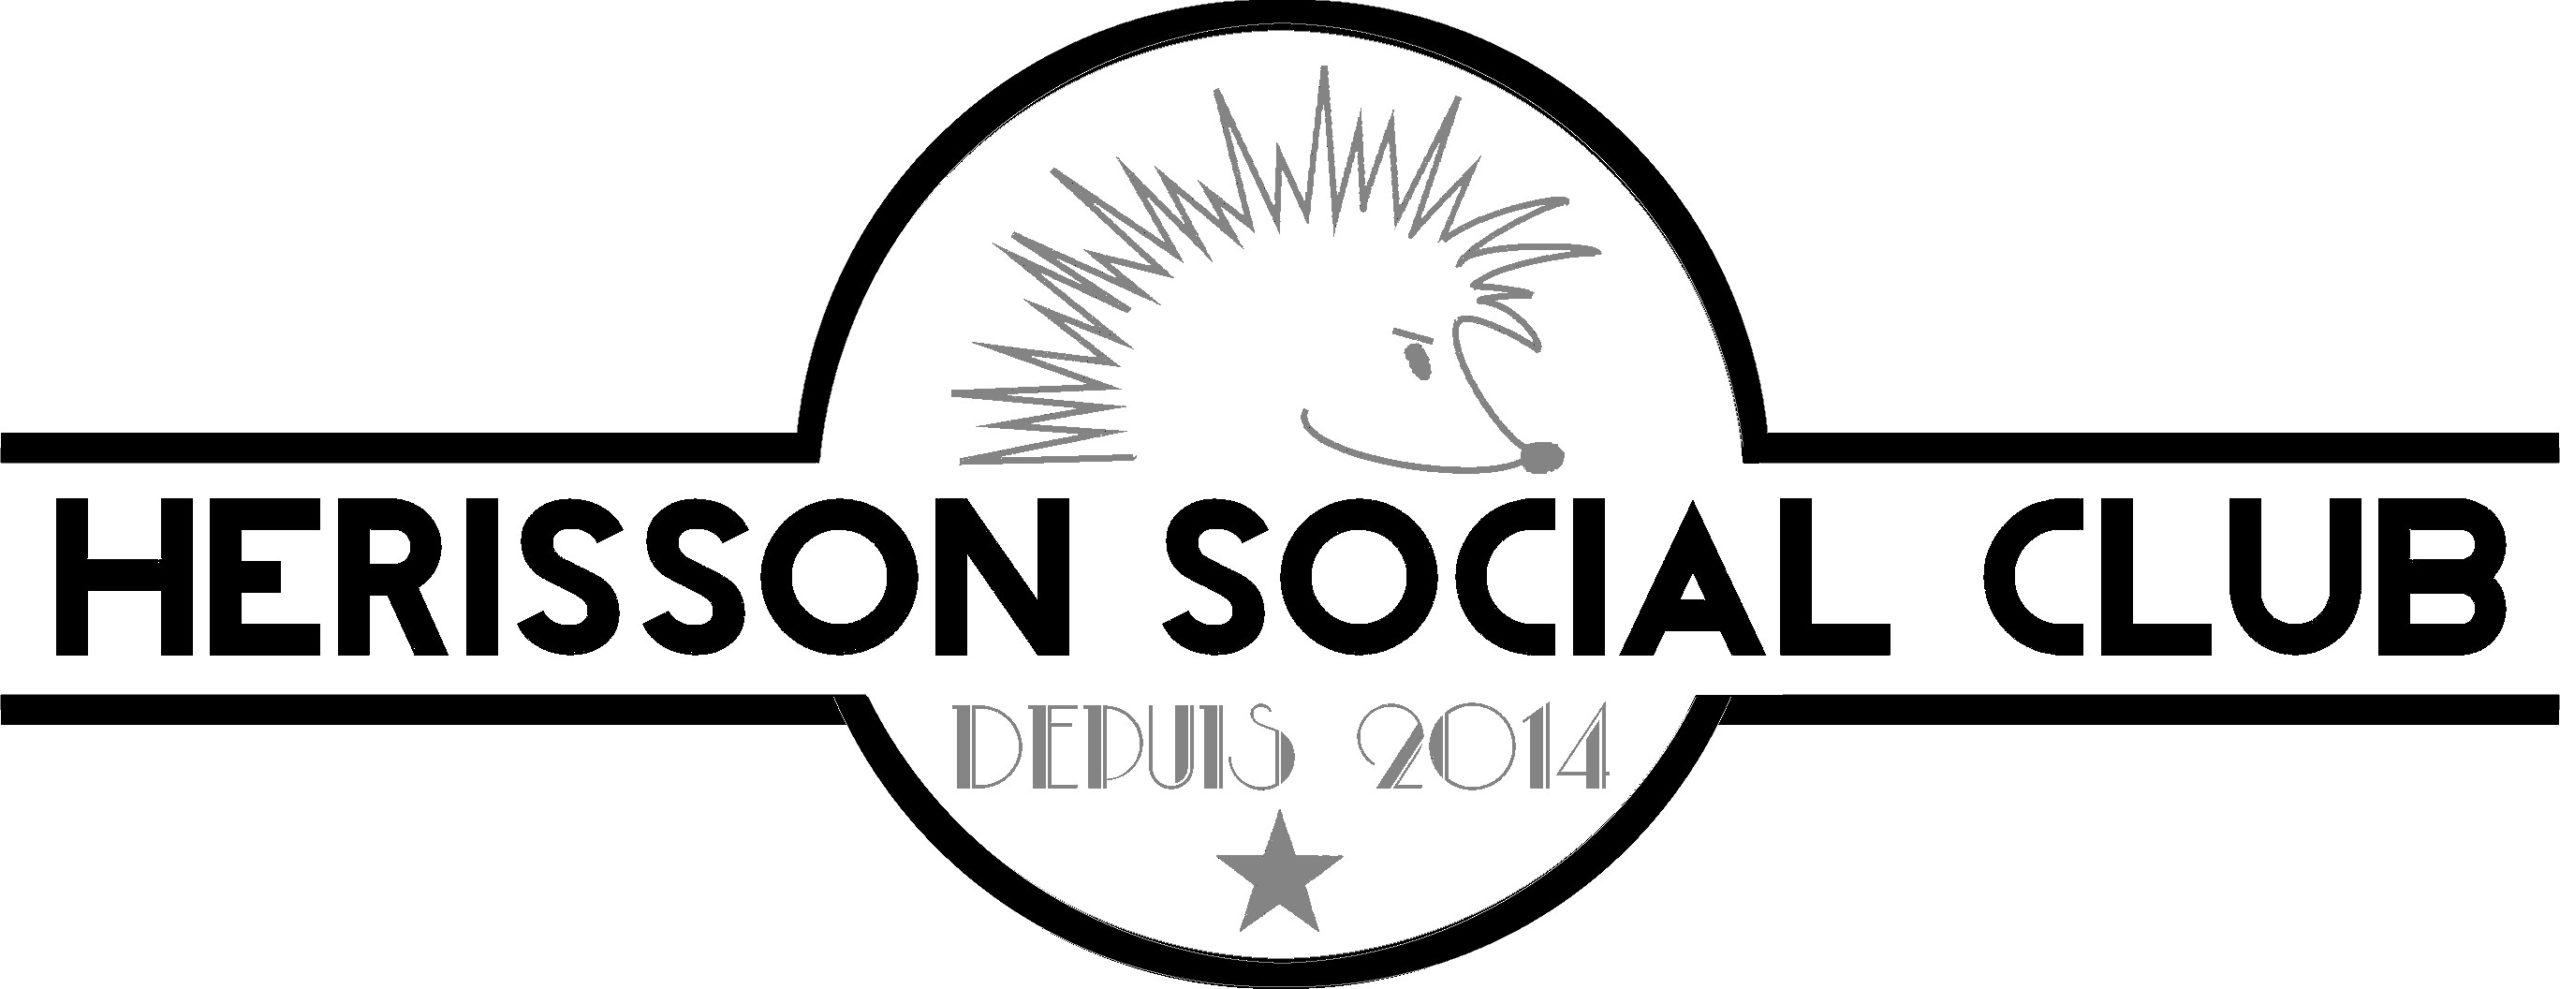 Herisson Social Club